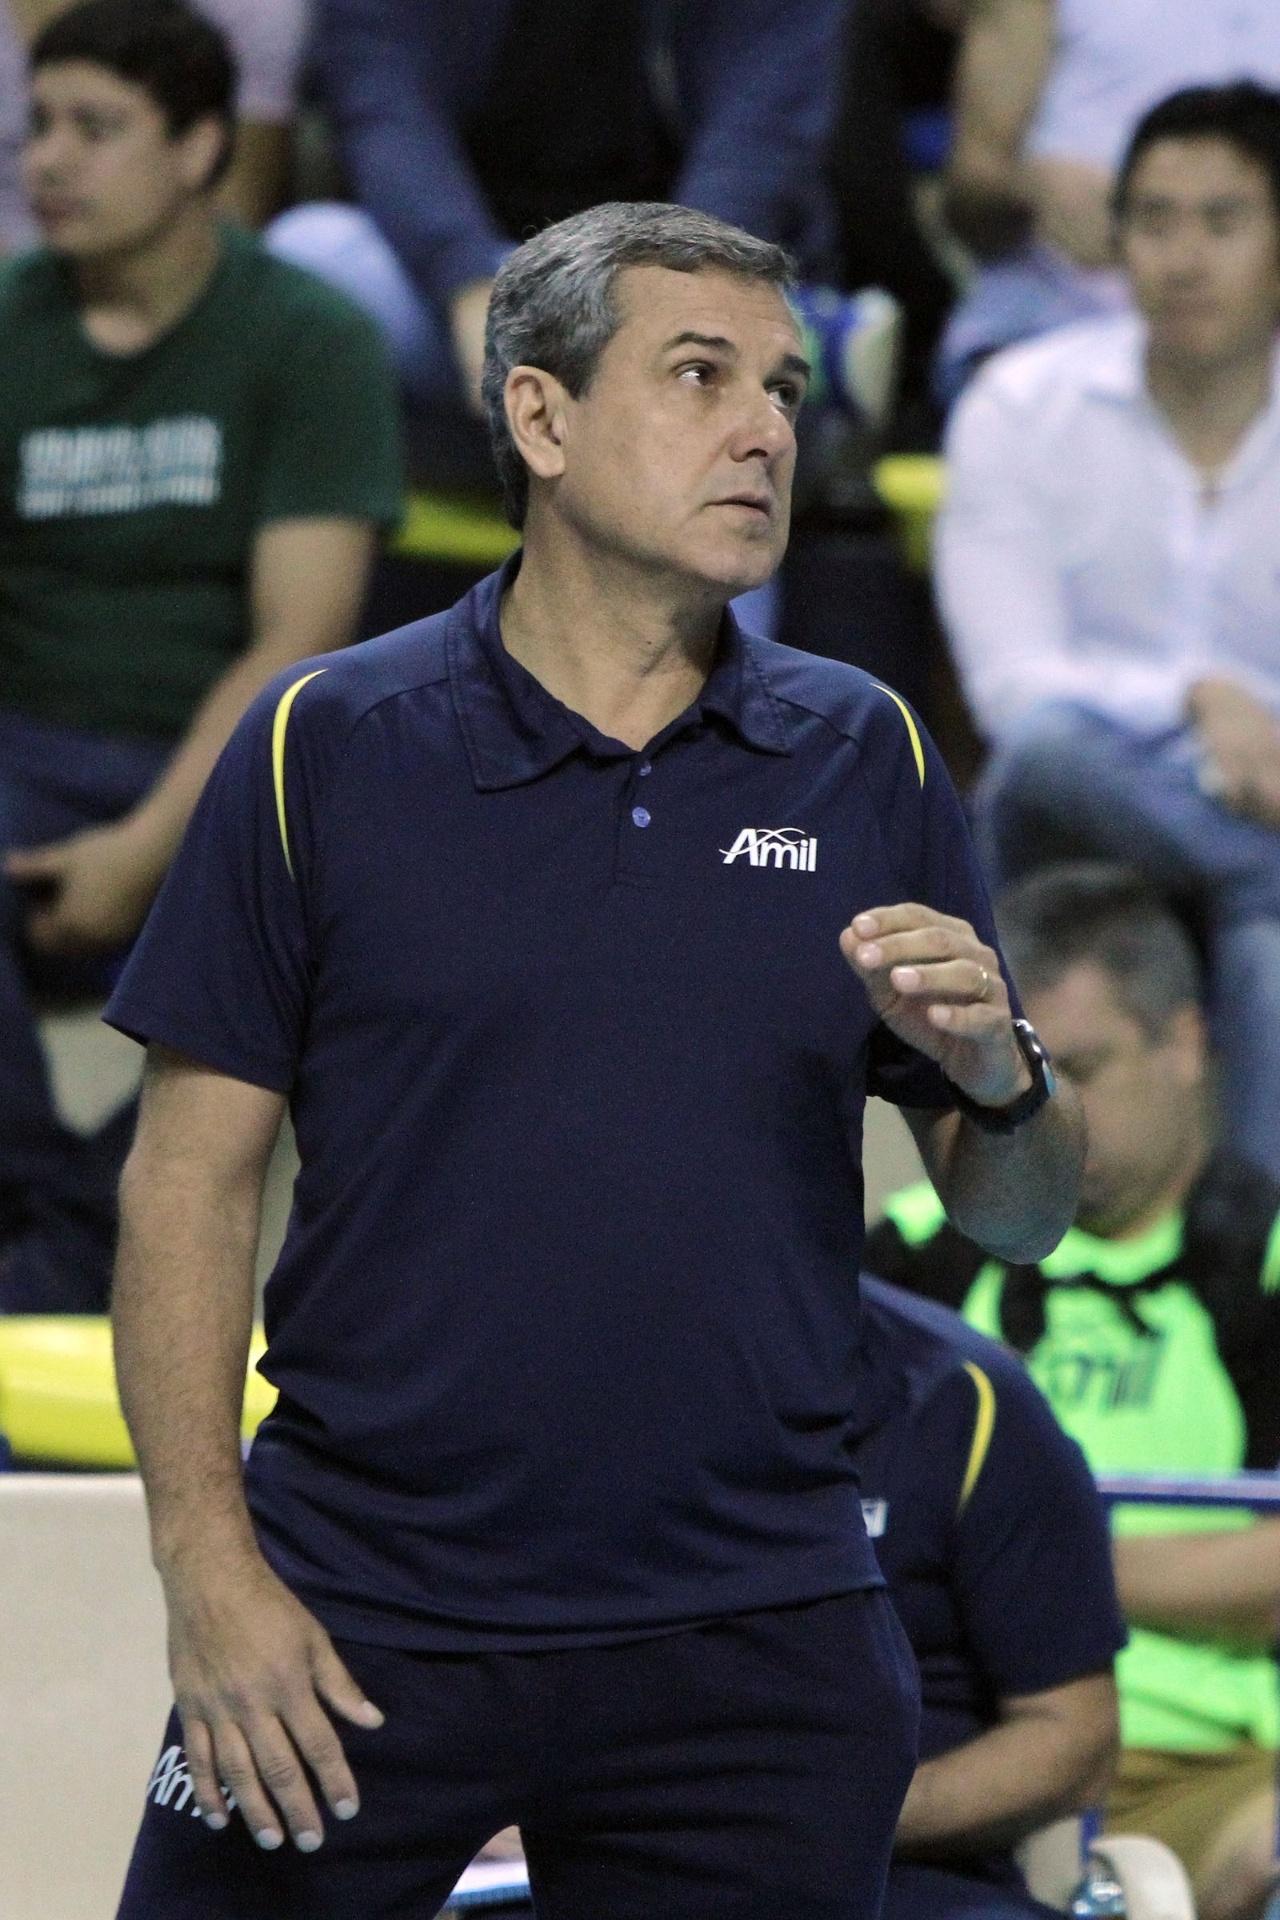 José Roberto Guimarães, técnico do Vôlei Amil, comanda a equipe na partida contra o Sesi, pelo Campeonato Paulista